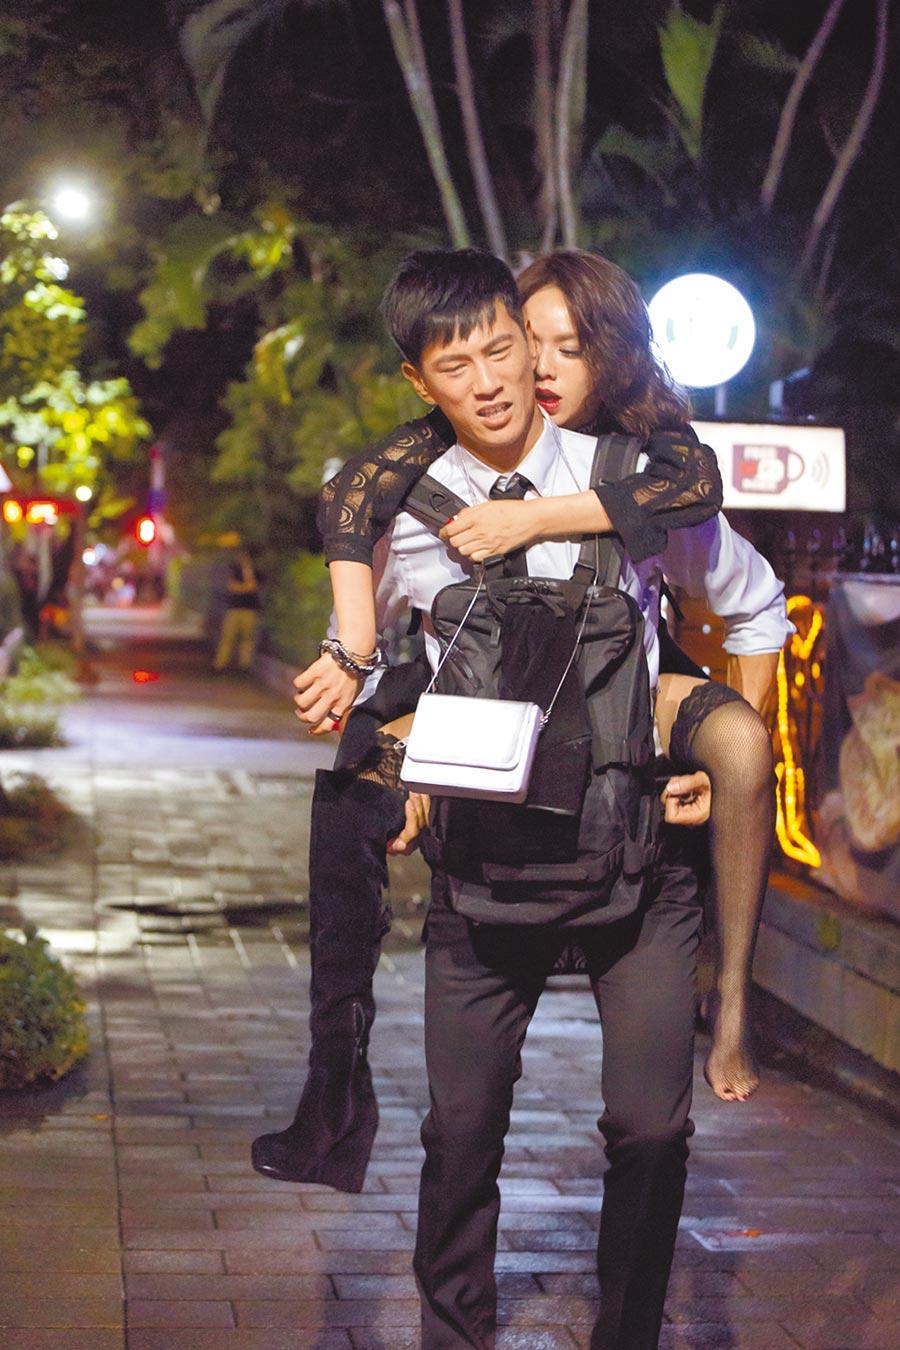 鍾承翰(前)劇中揹著醉酒的夏于喬,2人戲裡互動逼真。